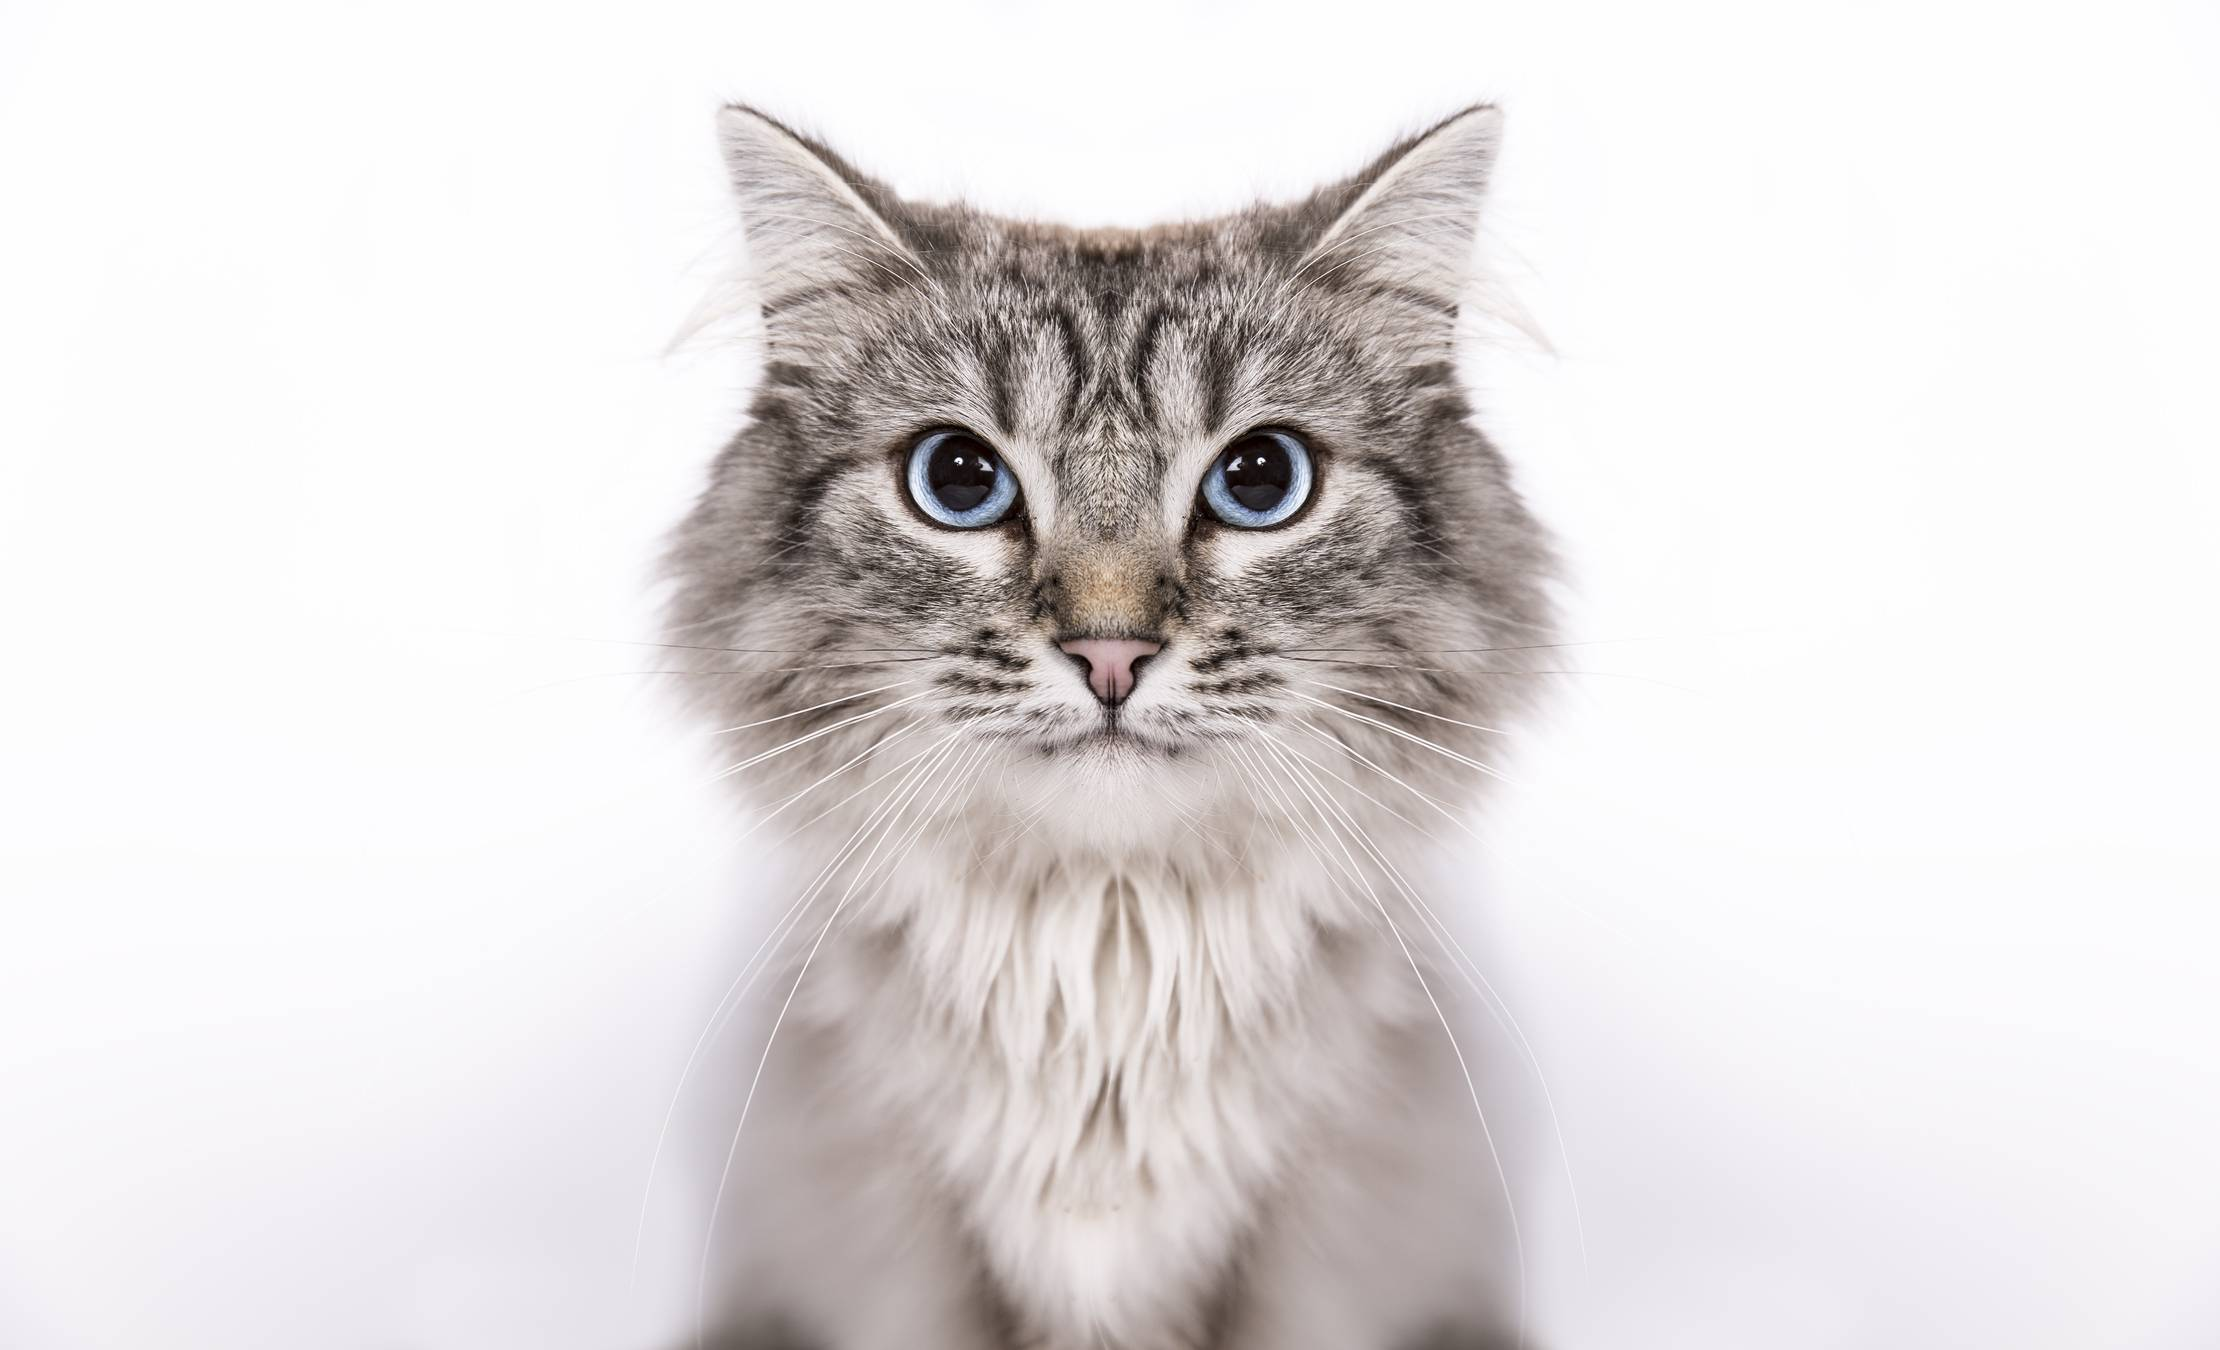 Как глистогонить кошку – препараты, советы, рекомендации